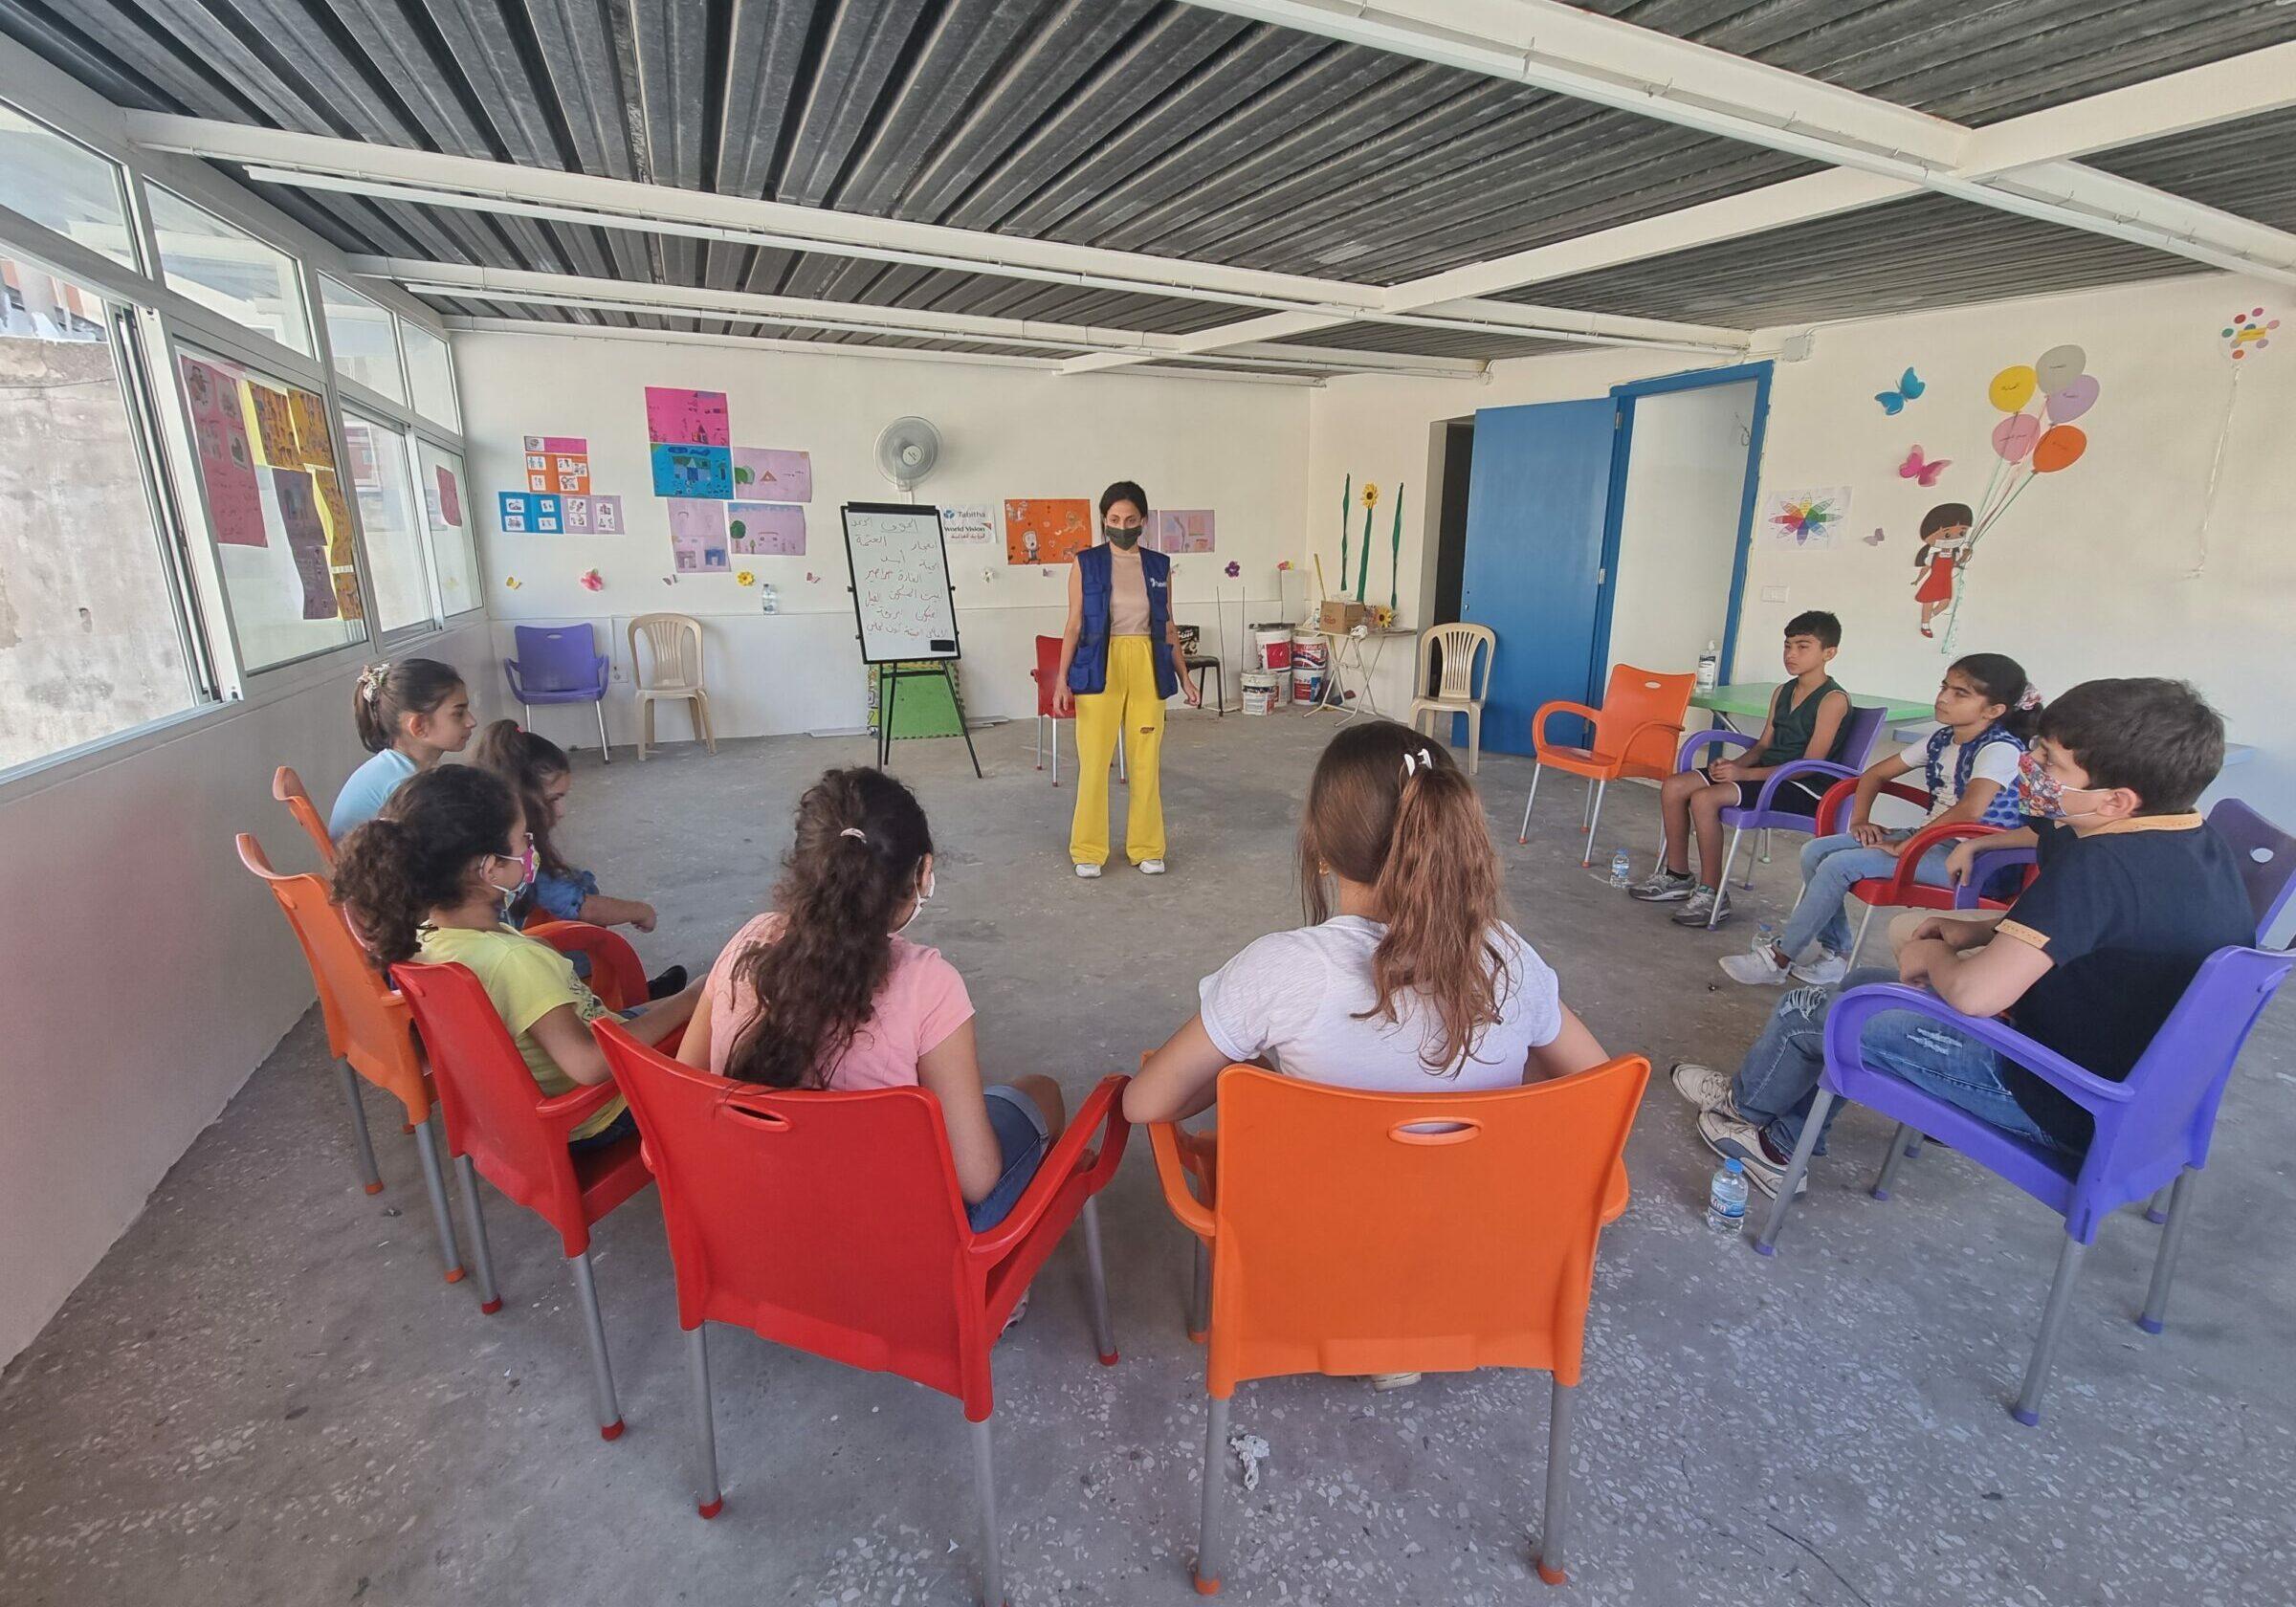 Libanon gemeenschapscentra community centre psychosociale hulp mhpss